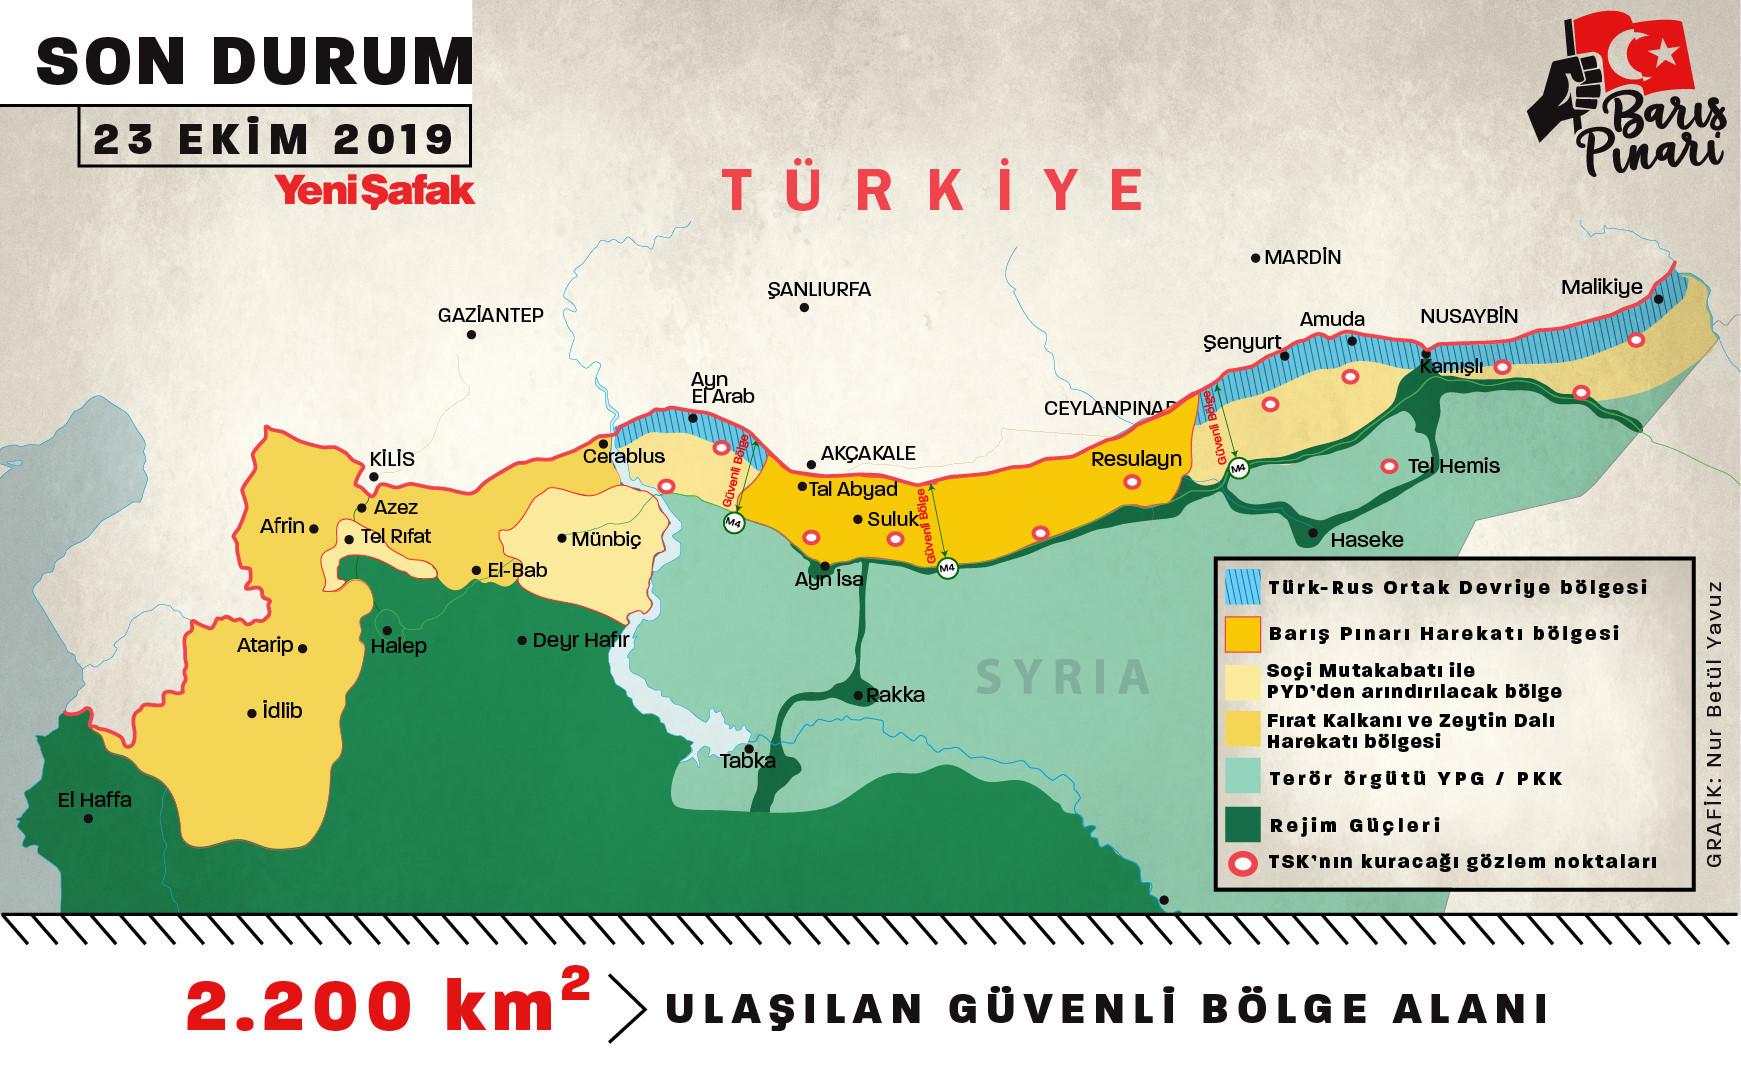 Barış Pınarı Harekatında Son Durum: 23 Ekim